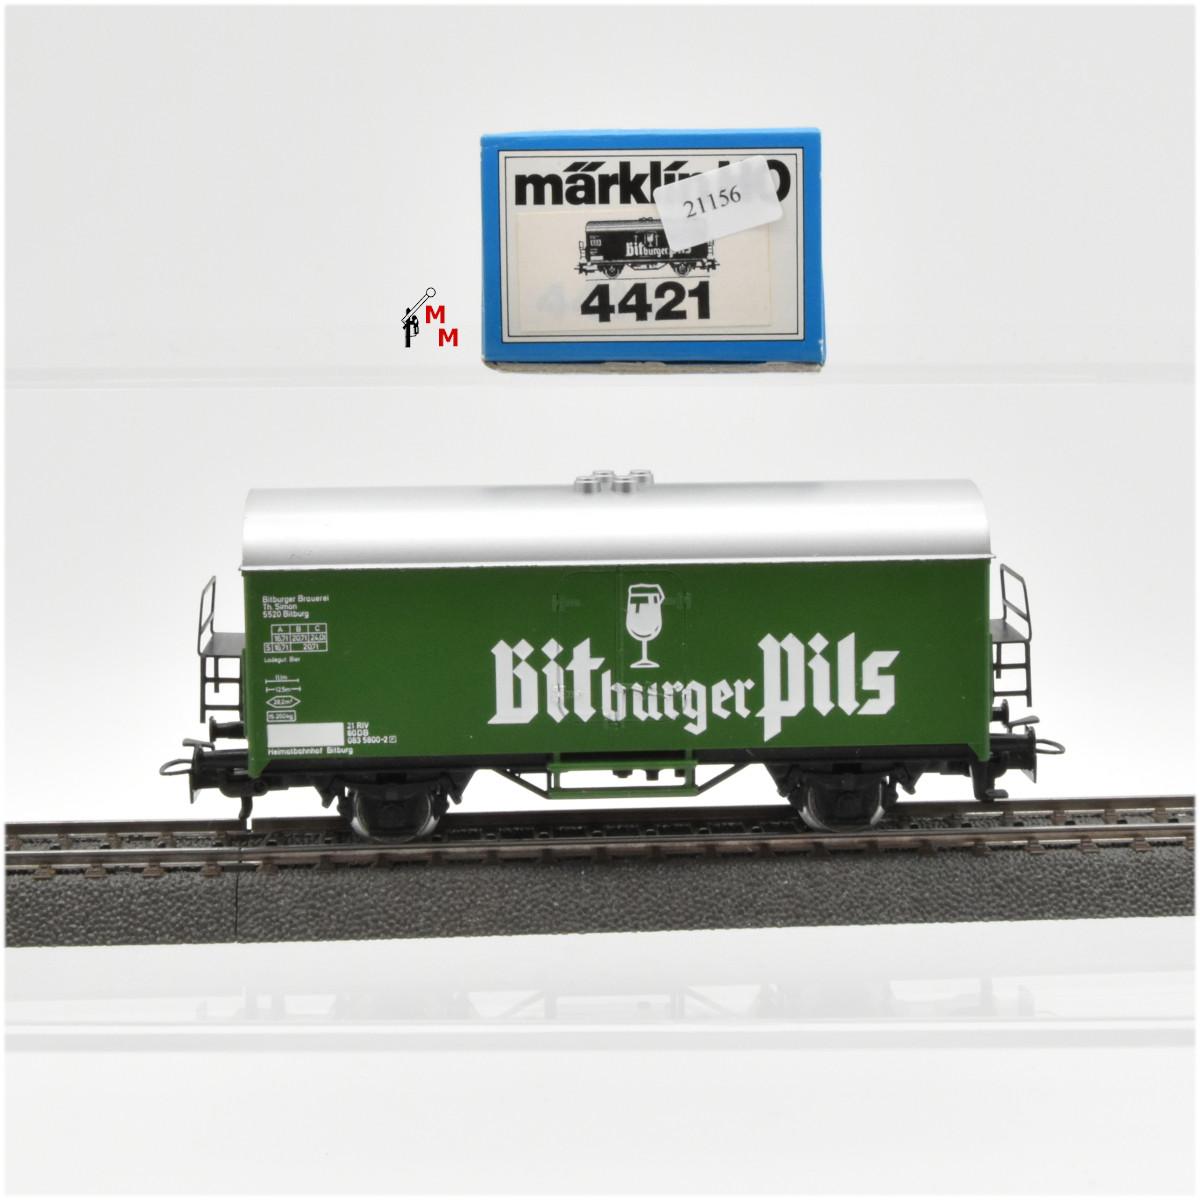 Märklin 4421.1 Kühlwagen Bitburger Pils, (21156)